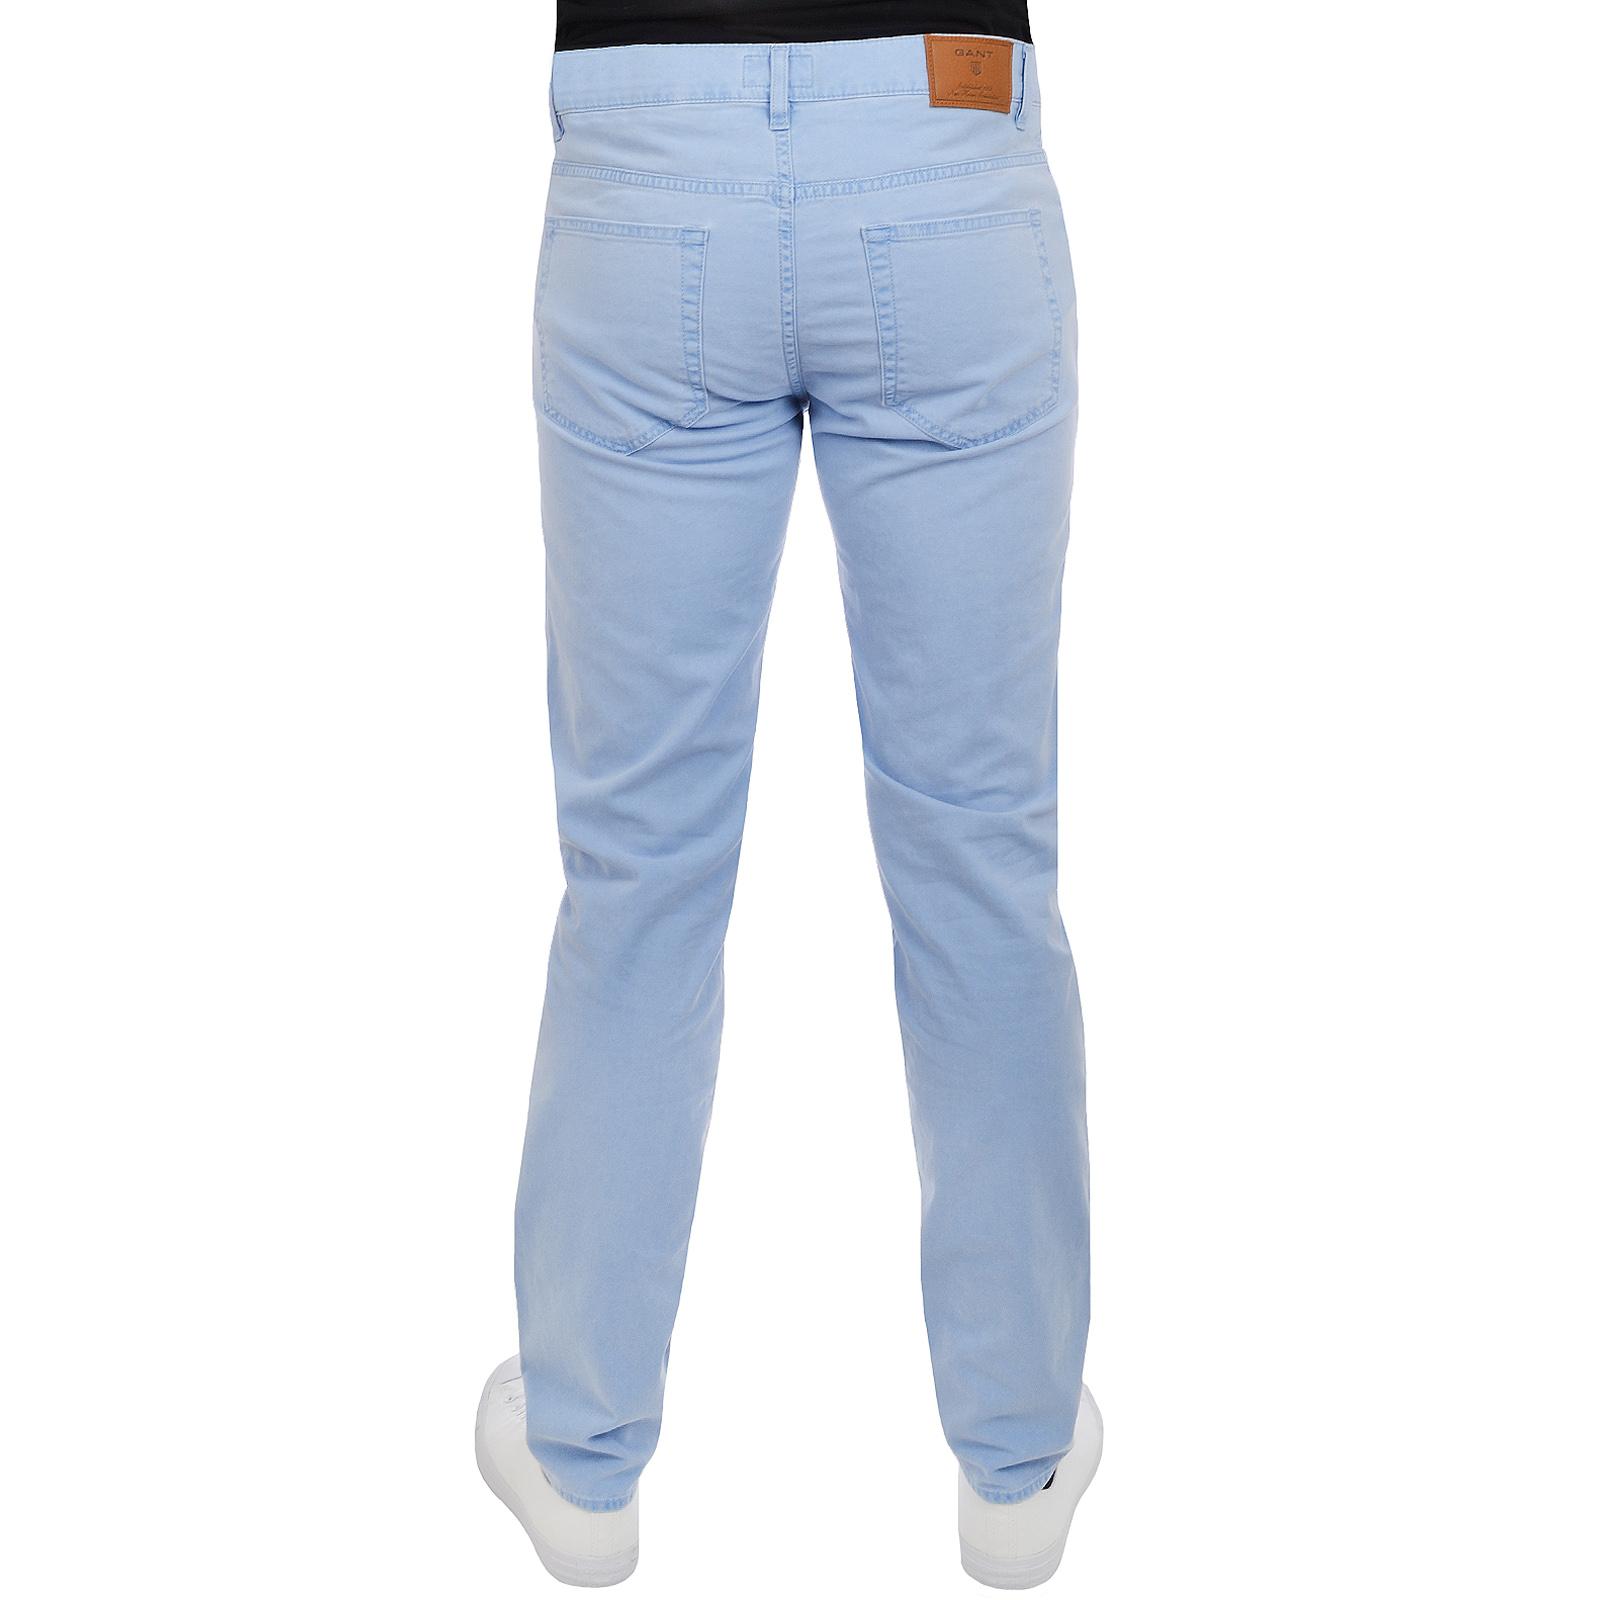 GANT Herren Chip staubig Twill Komfort schmale Passform enge Jeans Hose    eBay ae4e4167eb